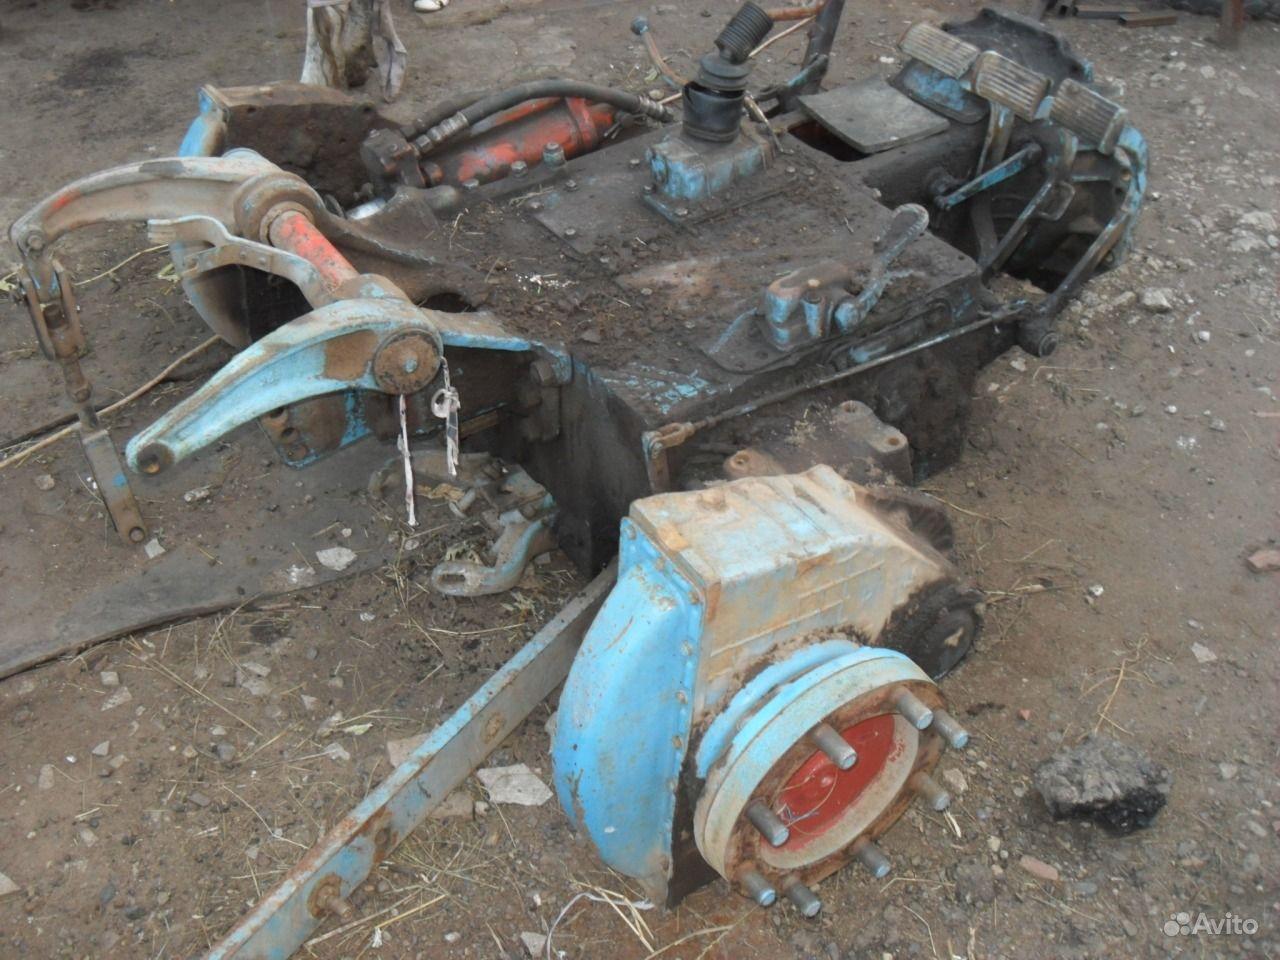 Авито казань трактора в аренду | Трактора т 150 на авито.